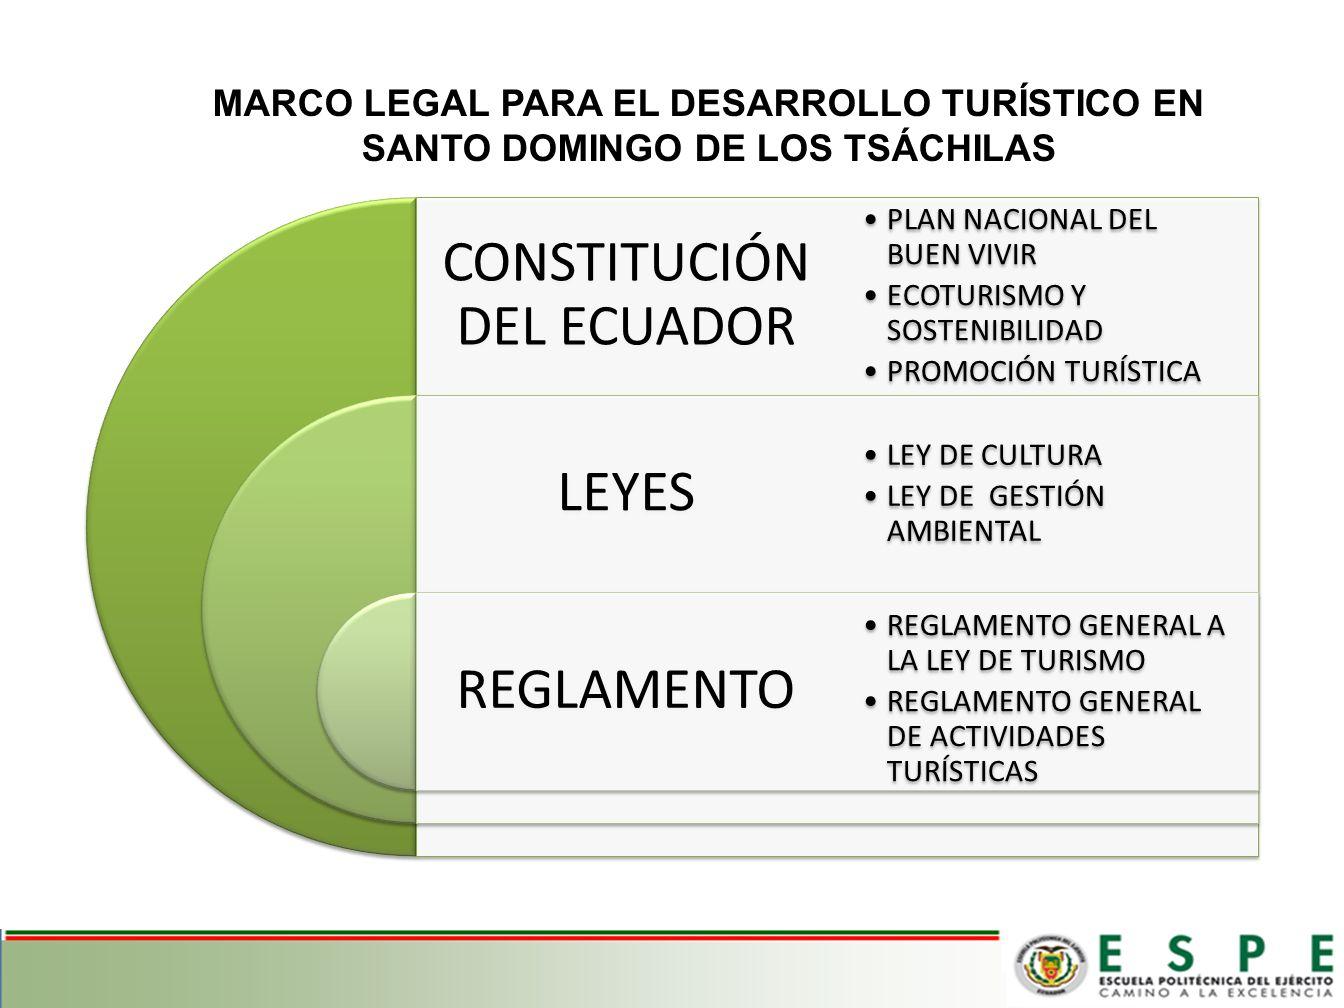 INFRAESTRUCTURA TURÍSTICA AGENCIAS DE VIAJES 4 INTERNACIONALES 4 DUALES GUÍAS TURÍSTICOS NACIONALES NATIVOS ALOJAMIENTO 112 ESTABLECIMIETOS COMIDAS Y BEBIDAS EXISTEN 159 ESTABLECIMIENTOS RECREACIÓN Y ESPACIMIETO POSEE 16 ESTABLECIMENTOS SERVICIOS DE APOYO TURÍSTICO * TRANSPORTE TURÍSTICO * CENTRO ARTESANALES SERVICIOS TURÍSTICOS